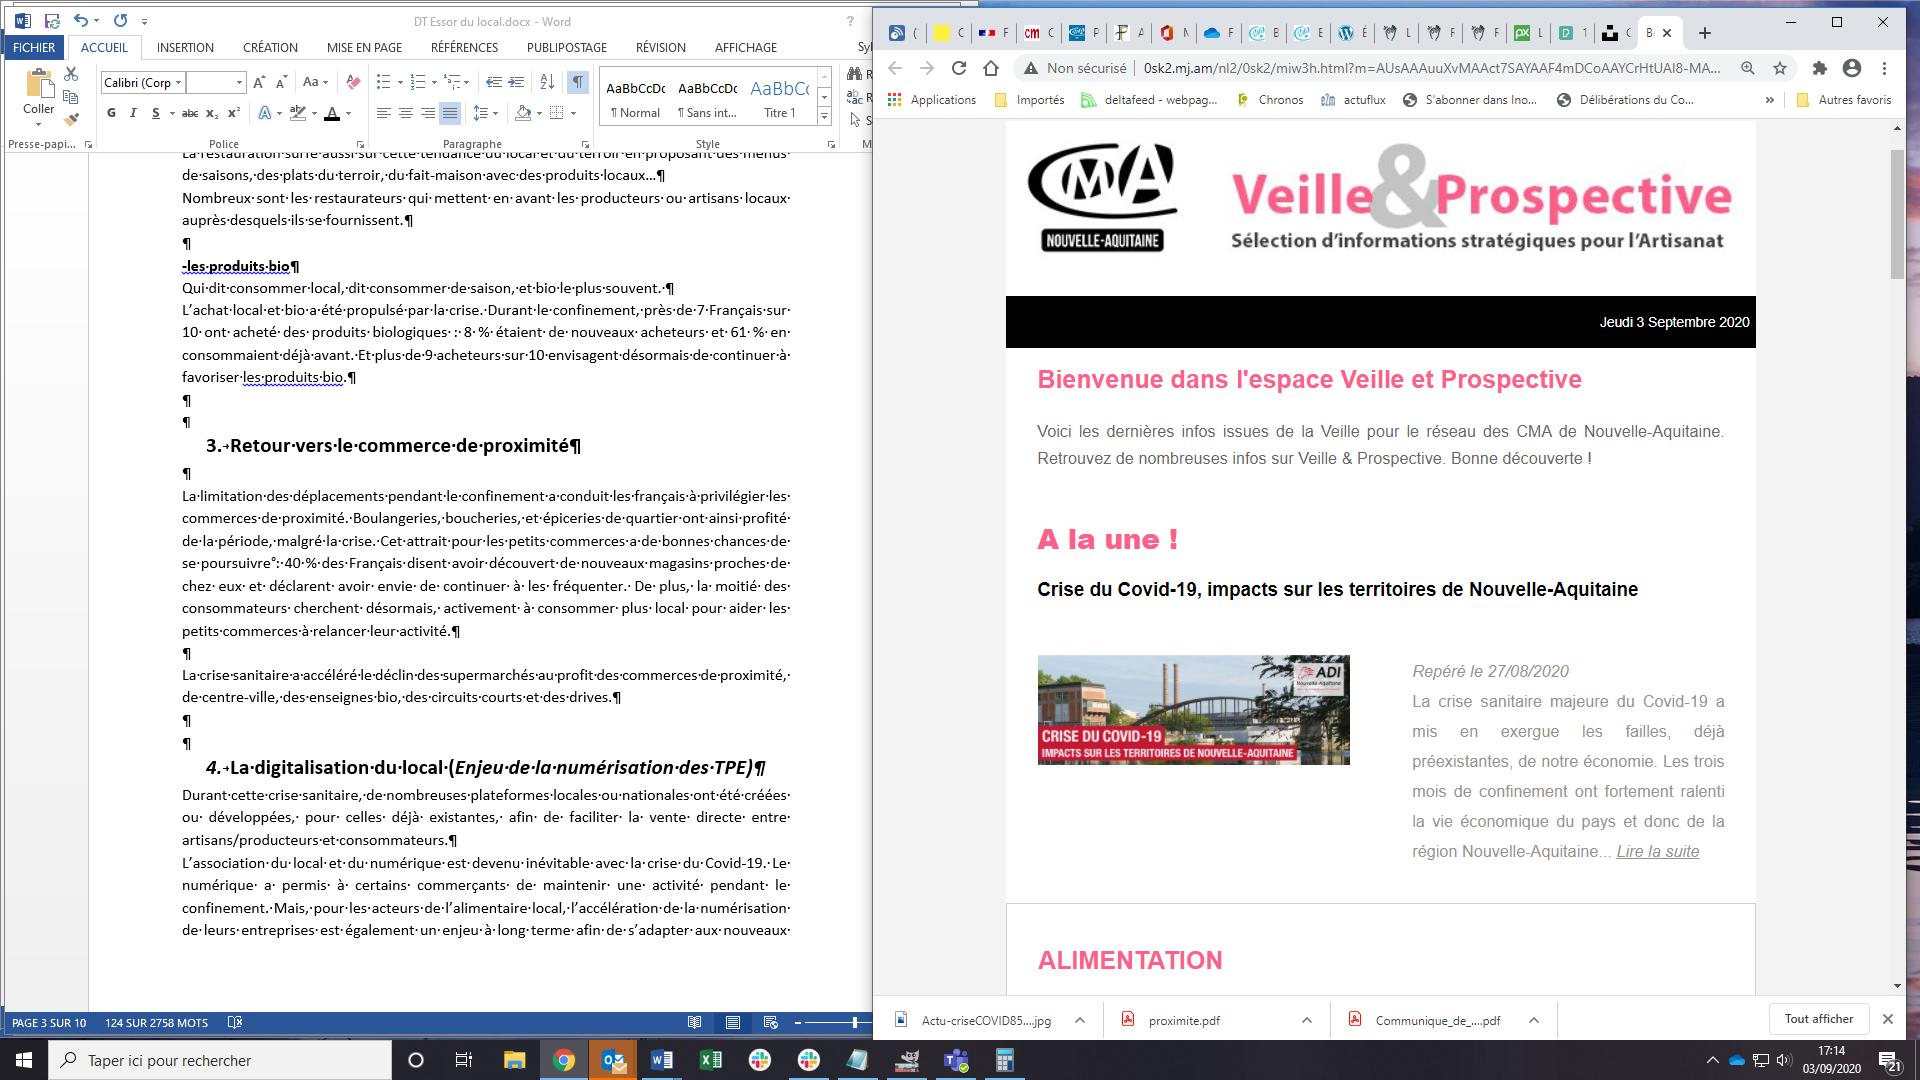 """Sortie de la newsletter """"Veille et prospective"""" pour l'#artisanat ! [#2 - Août 2020)"""